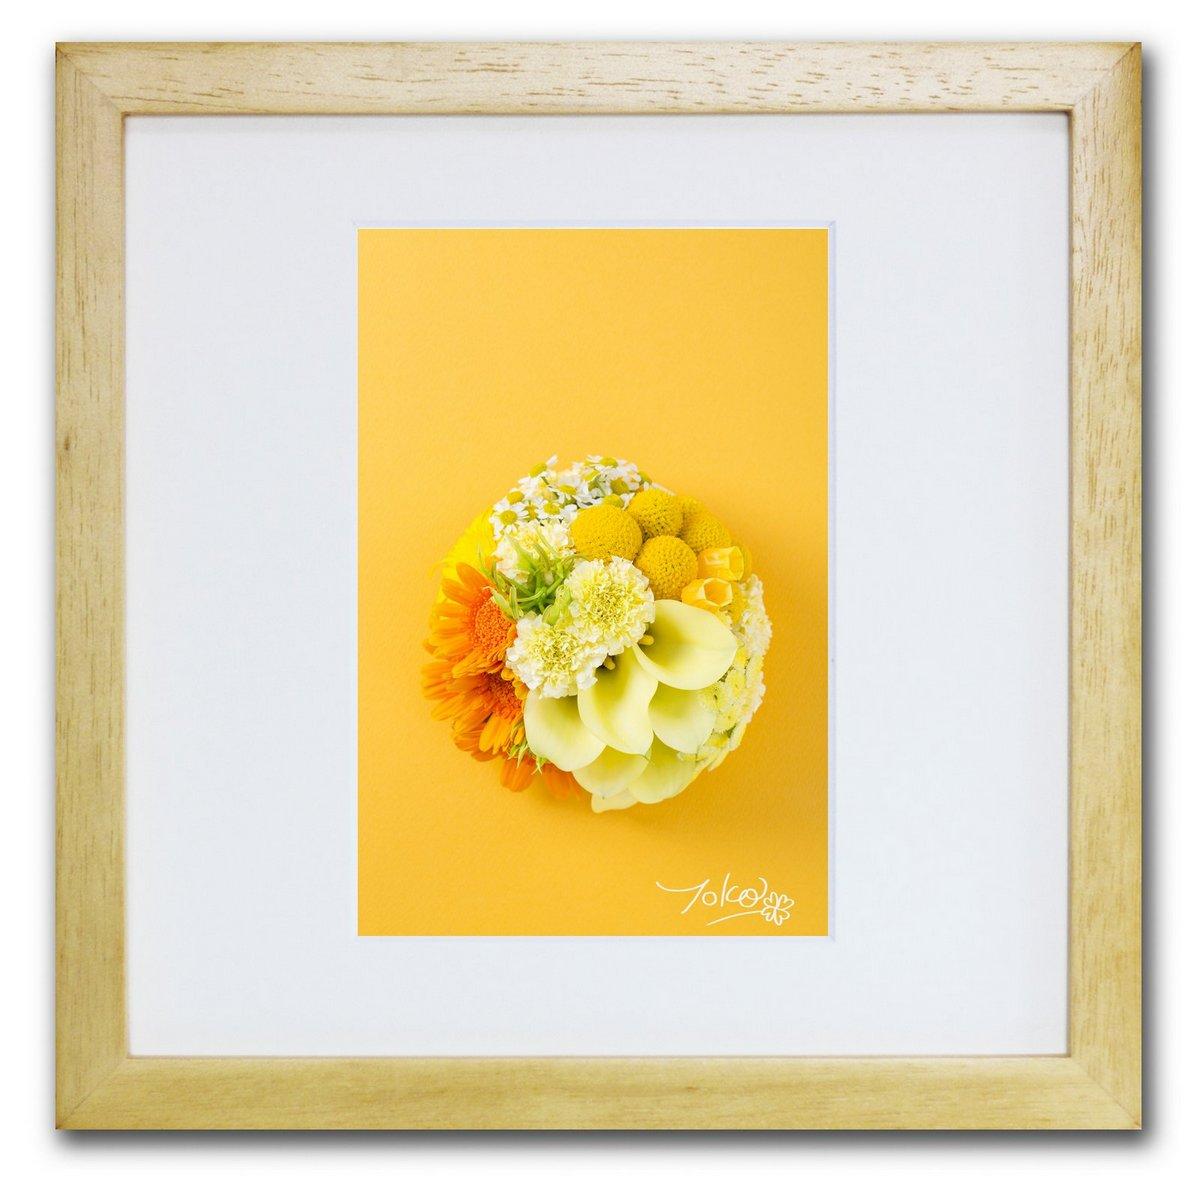 《ジクレー版画》Good fortune_Joy(幸運)〔竹内陽子〕/リビングを華やかに彩るインテリア。絵画のようなフラワーフォト